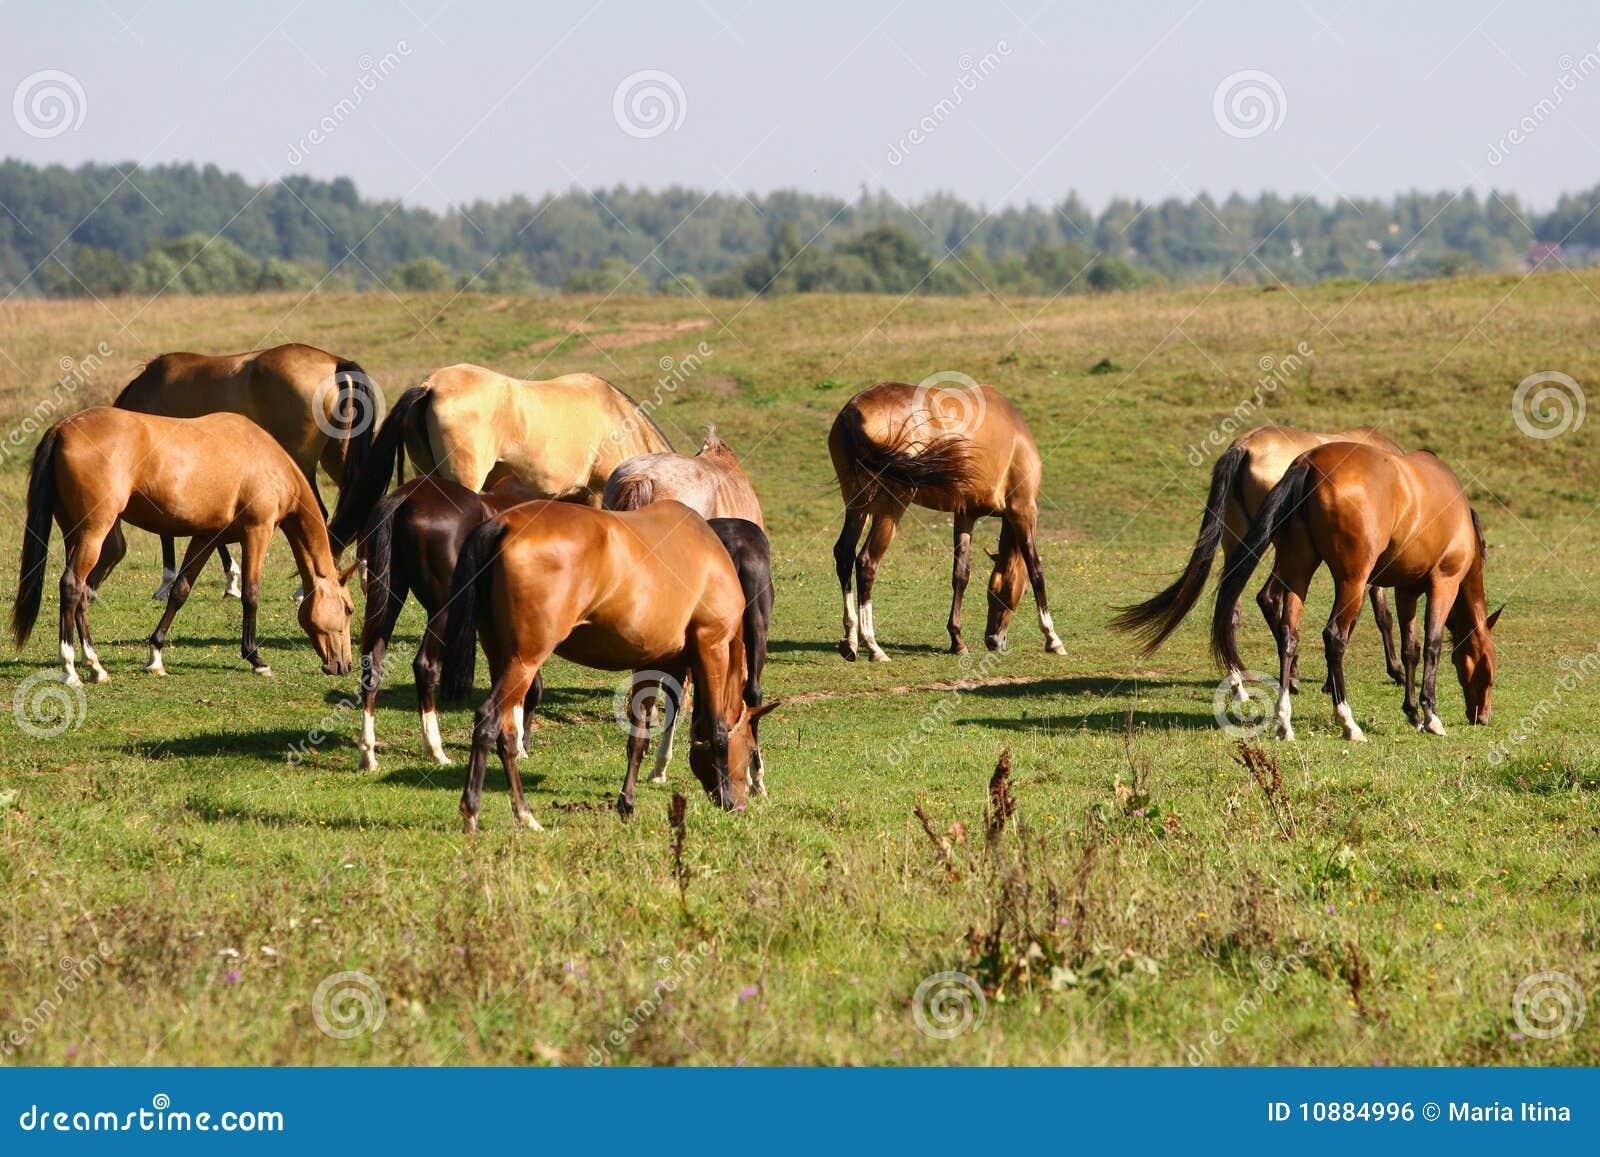 Herd grazing